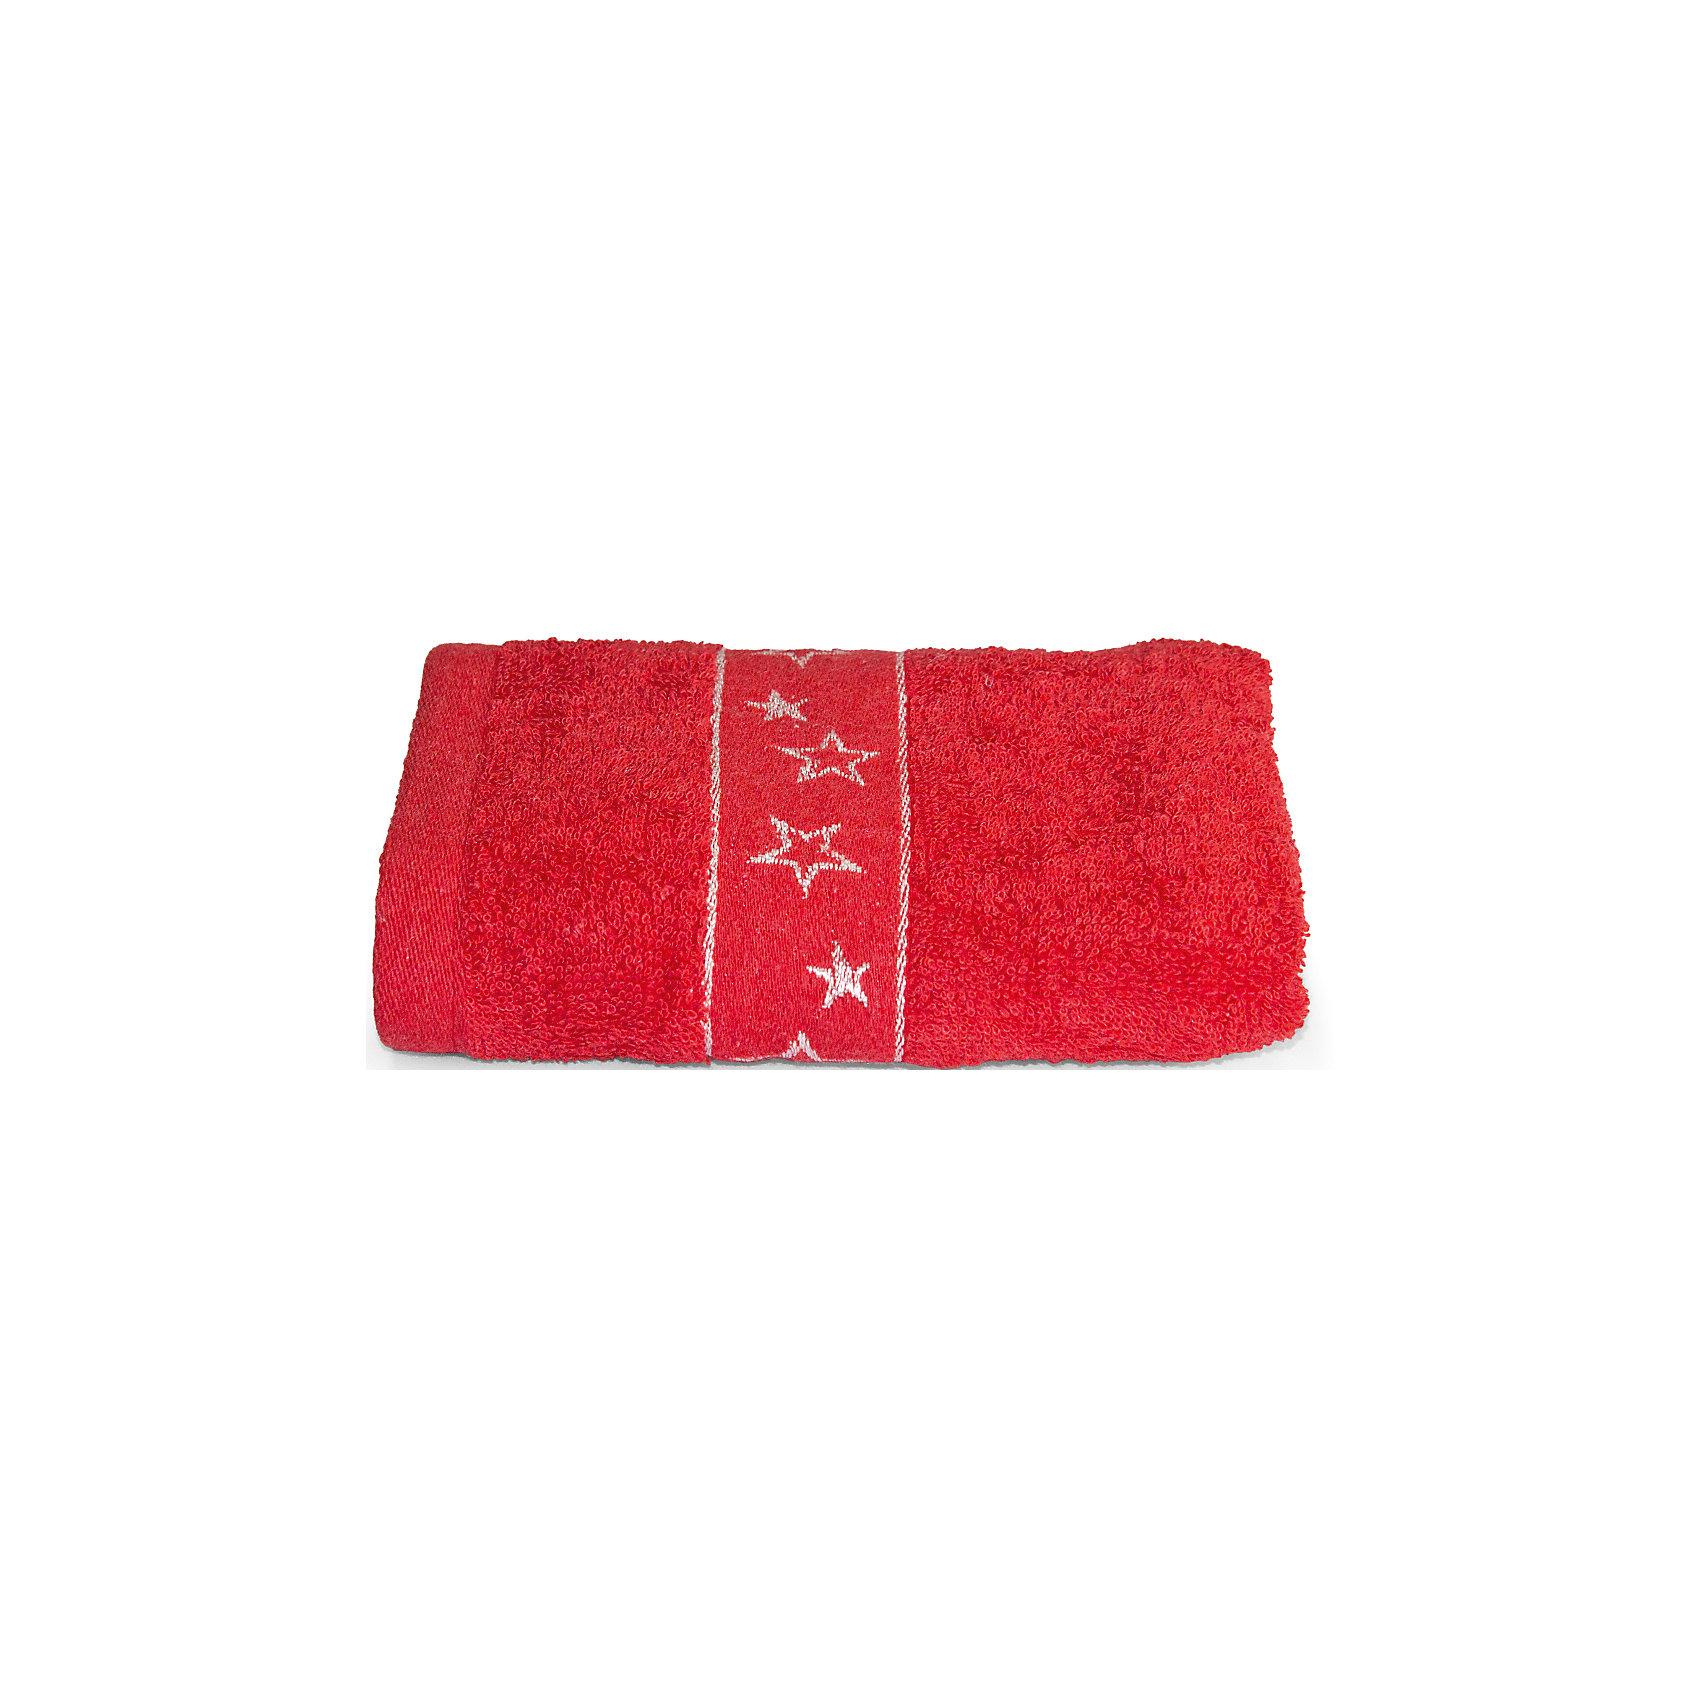 Полотенце махровое Звезды 50*90, Любимый дом, красныйВанная комната<br>Махровое полотенце Звезды отлично дополнит интерьер впитывает влагу и остается в идеальном состоянии даже после долгого пользования. Край полотенца украшен вышивкой со звездами.<br><br>Дополнительная информация:<br>Материал: 100% хлопок<br>Размер: 50х90 см<br>Цвет: красный<br>Торговая марка: Любимый дом<br><br>Махровое полотенце Звезды можно купить в нашем интернет-магазине.<br><br>Ширина мм: 500<br>Глубина мм: 500<br>Высота мм: 200<br>Вес г: 250<br>Возраст от месяцев: 0<br>Возраст до месяцев: 144<br>Пол: Унисекс<br>Возраст: Детский<br>SKU: 5010952